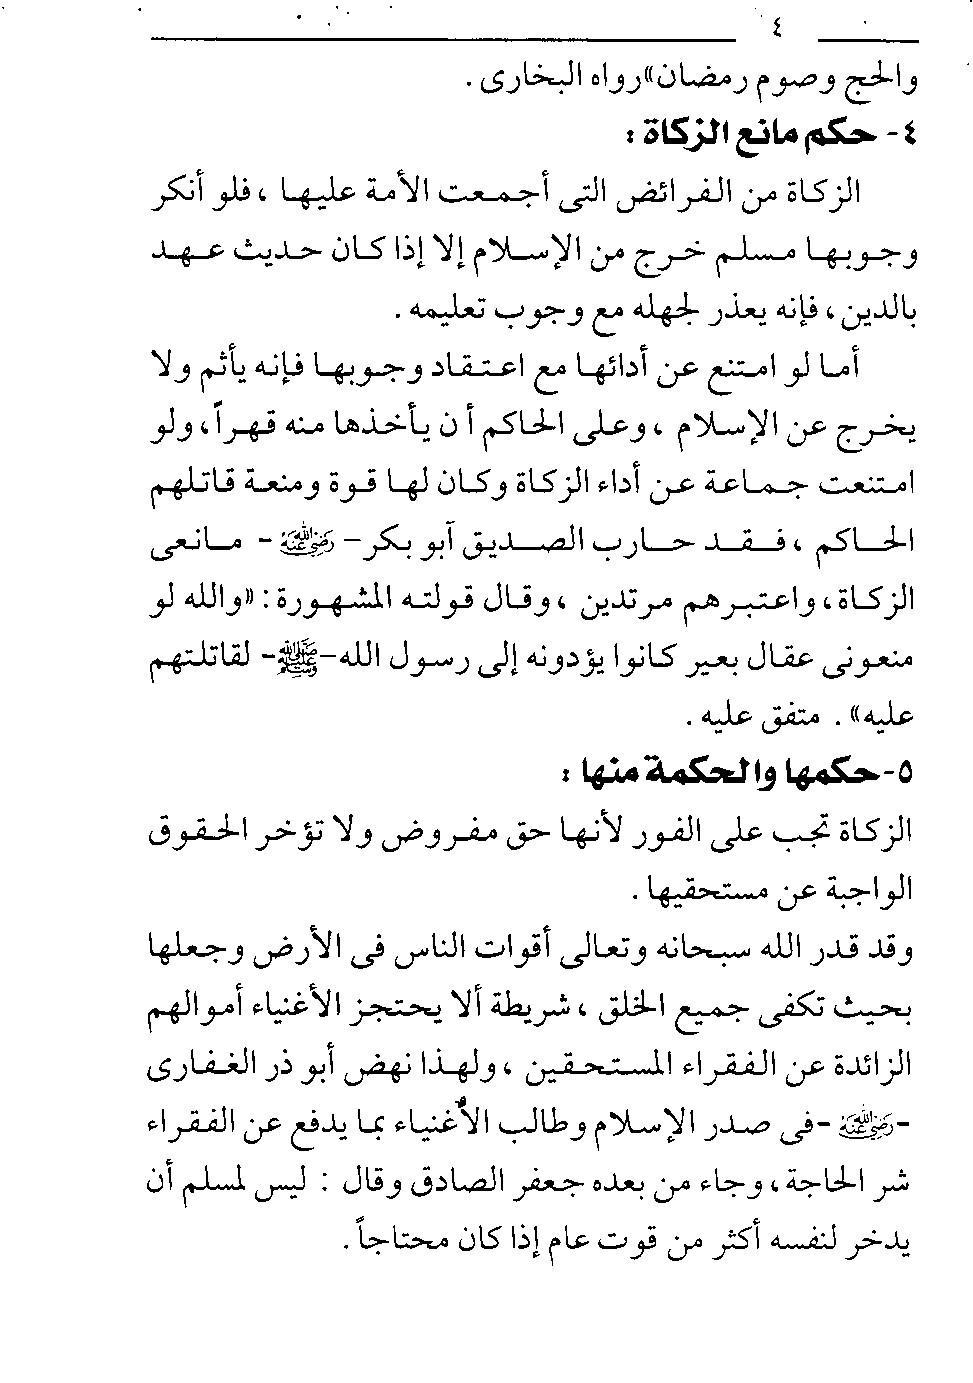 """من الفقة الاسلامى الكتاب الثانى فى ( احكام الزكاة من القرآن والسنة ) للشيخ سامى محمود """" 915522099"""